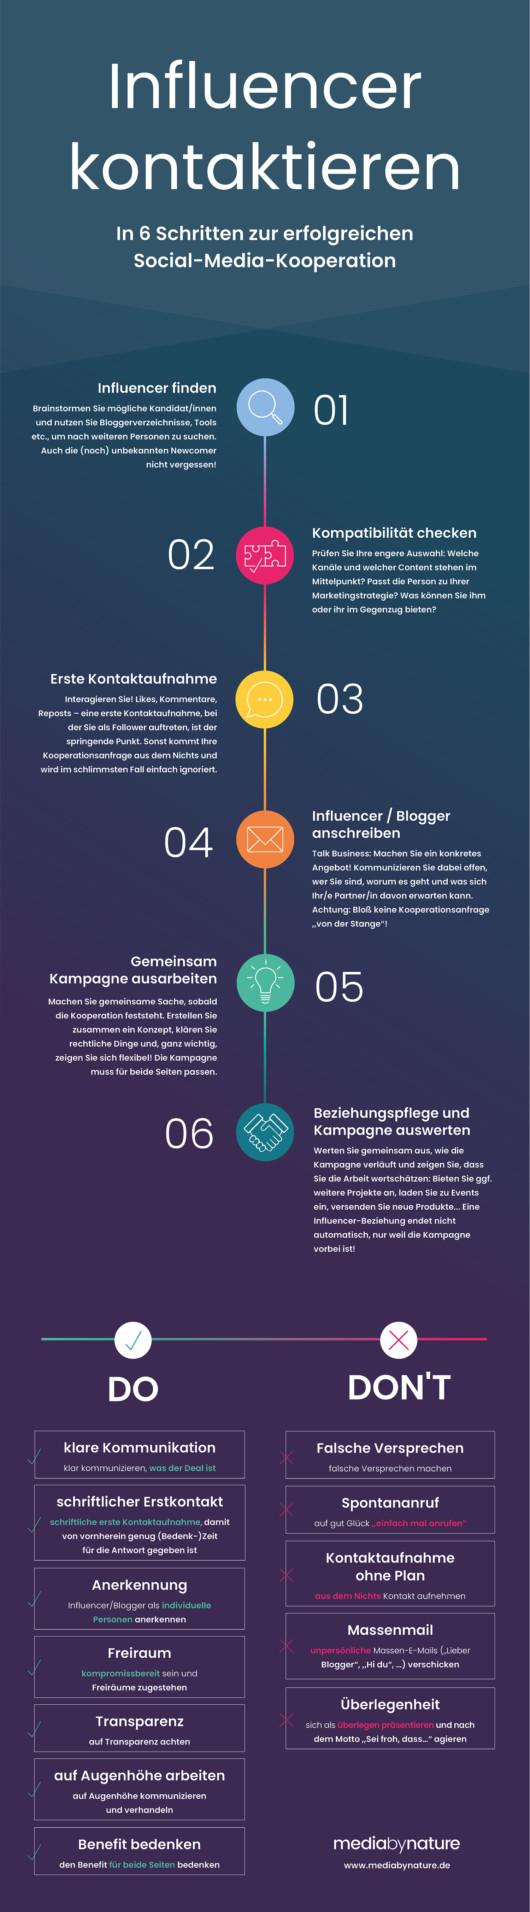 Infografik: Erfolgreiche Influencer-Markting-Kooperationen starten in 6 Schritten